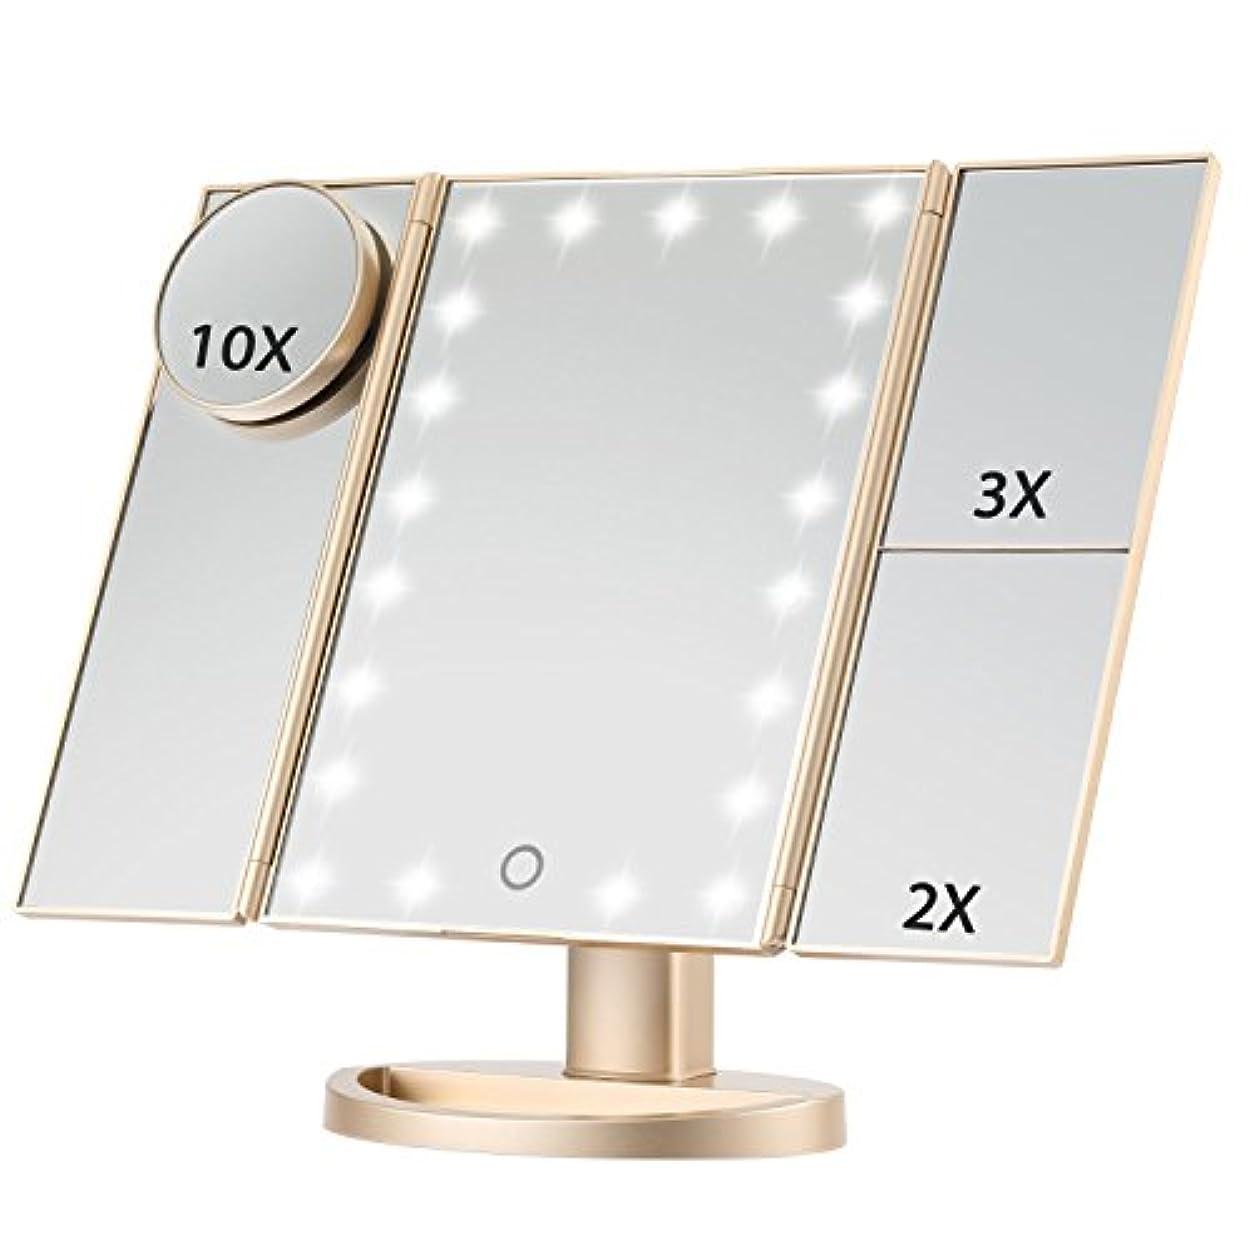 ポーク請負業者むちゃくちゃMagicfly 化粧鏡 LED三面鏡 ミラー 折り畳み式 10X /3X/2X拡大鏡付き 明るさ調節可能180°回転 電池/USB 2WAY給電 (ゴルード)